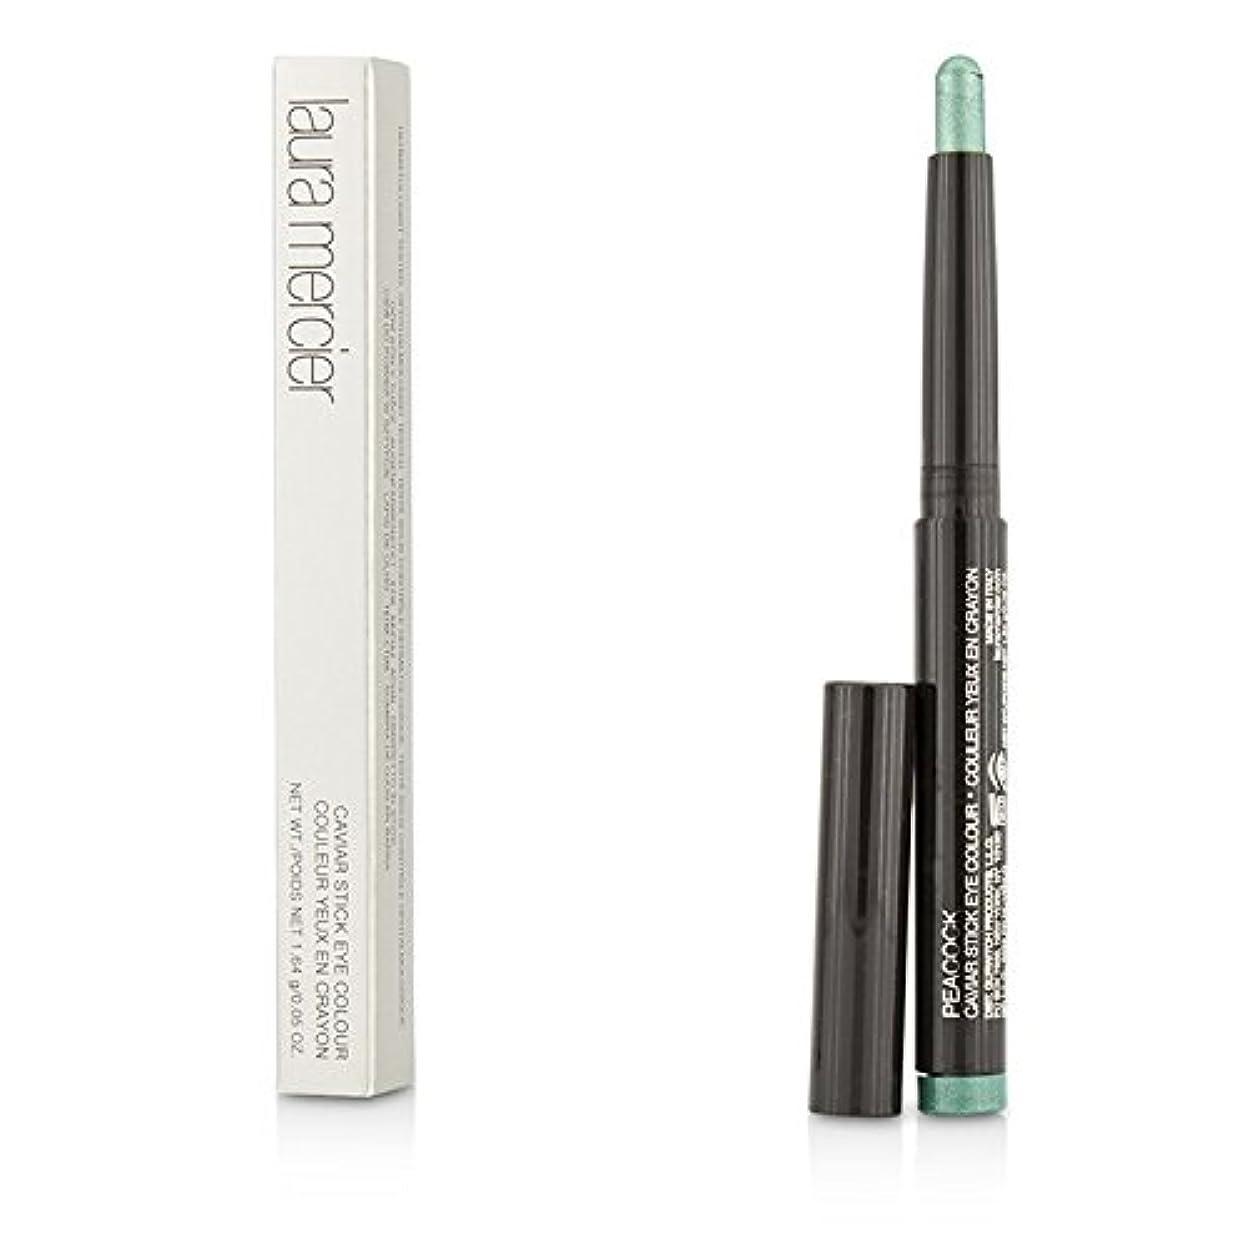 感染する四回篭ローラメルシエ Caviar Stick Eye Color - # Peacock 1.64g/0.05oz並行輸入品